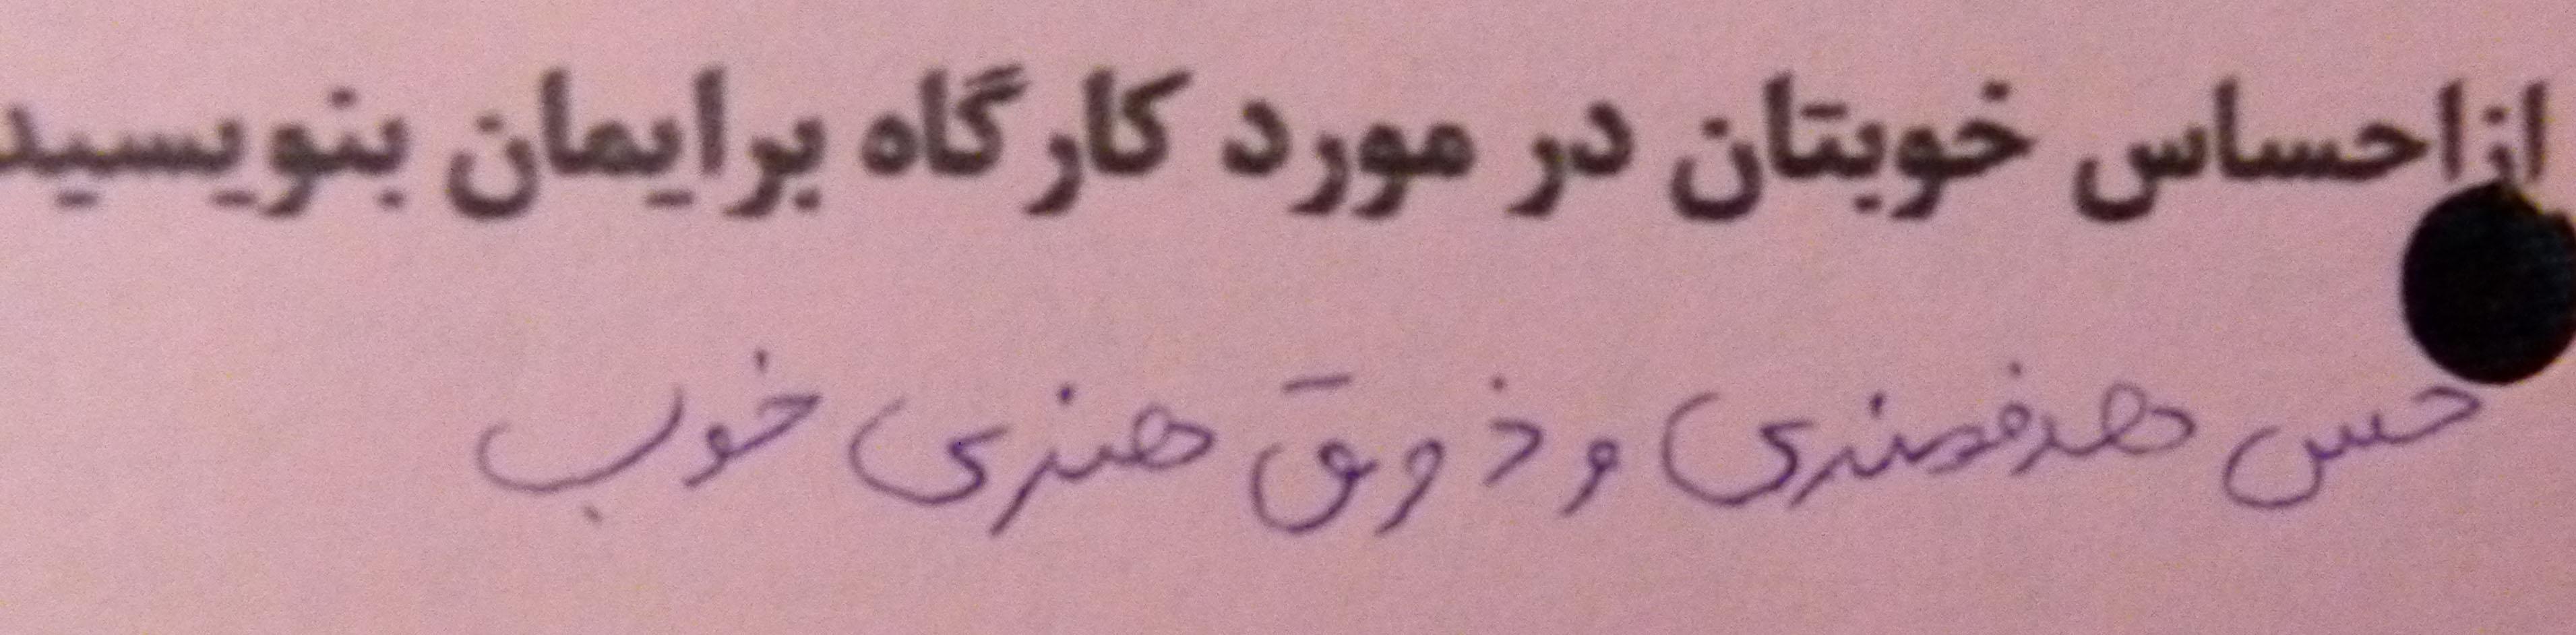 نظرات شرکت کنندگان کارگاه نقاشی روی پارچه - وحیده فتحی - فرهنگسرای خانواده قاصدک